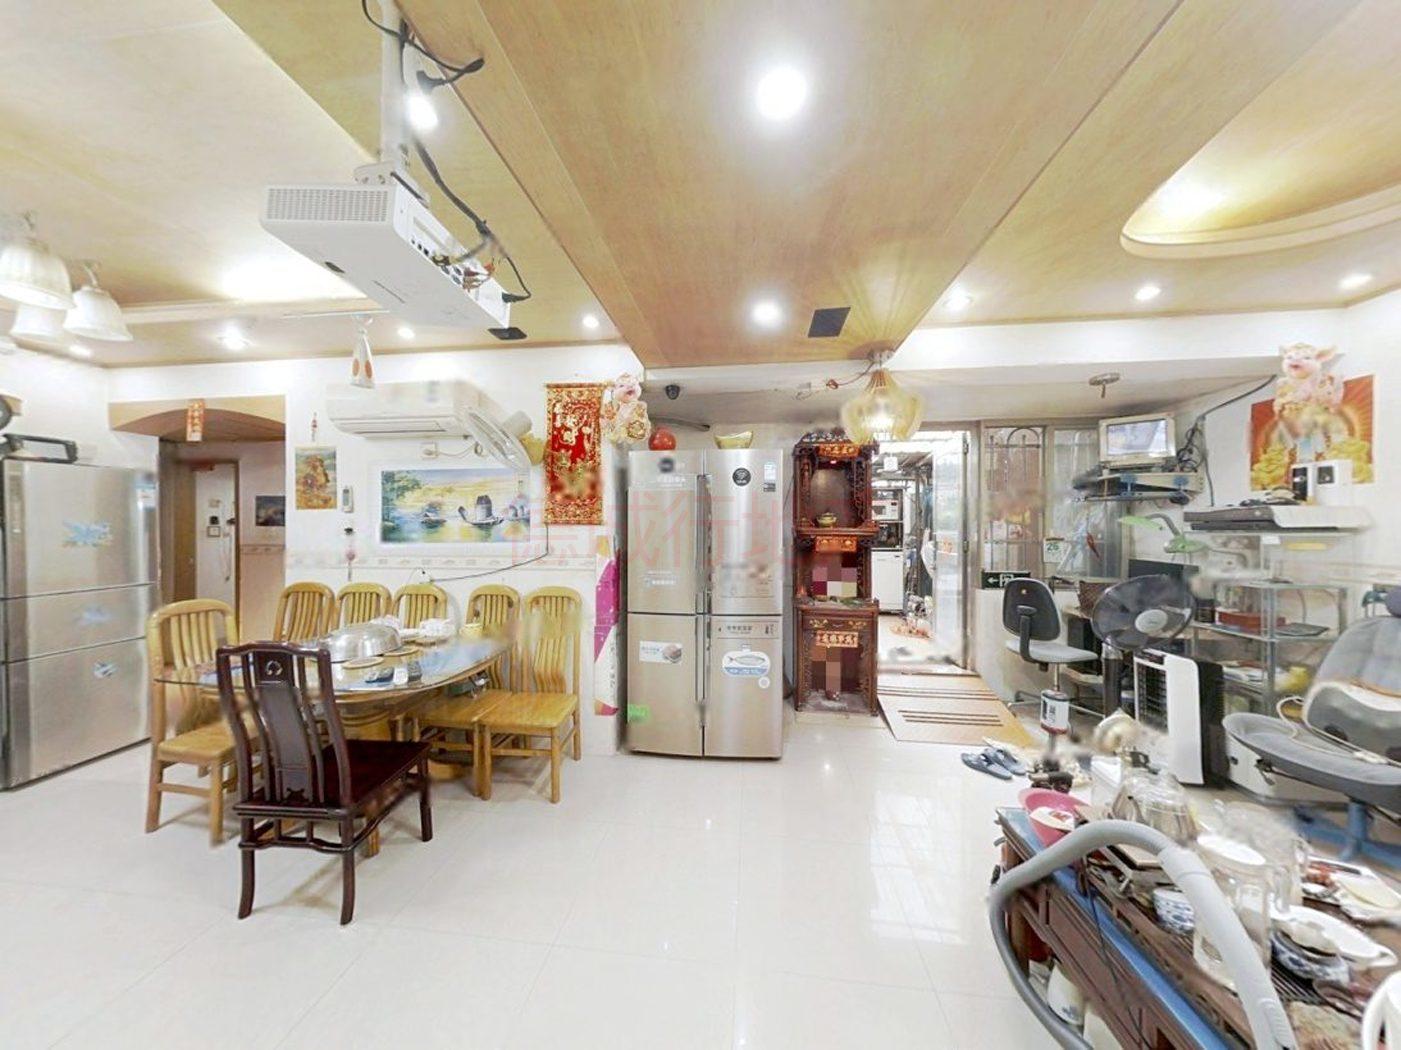 聚德花苑2室2厅1卫东西朝向仅420万元